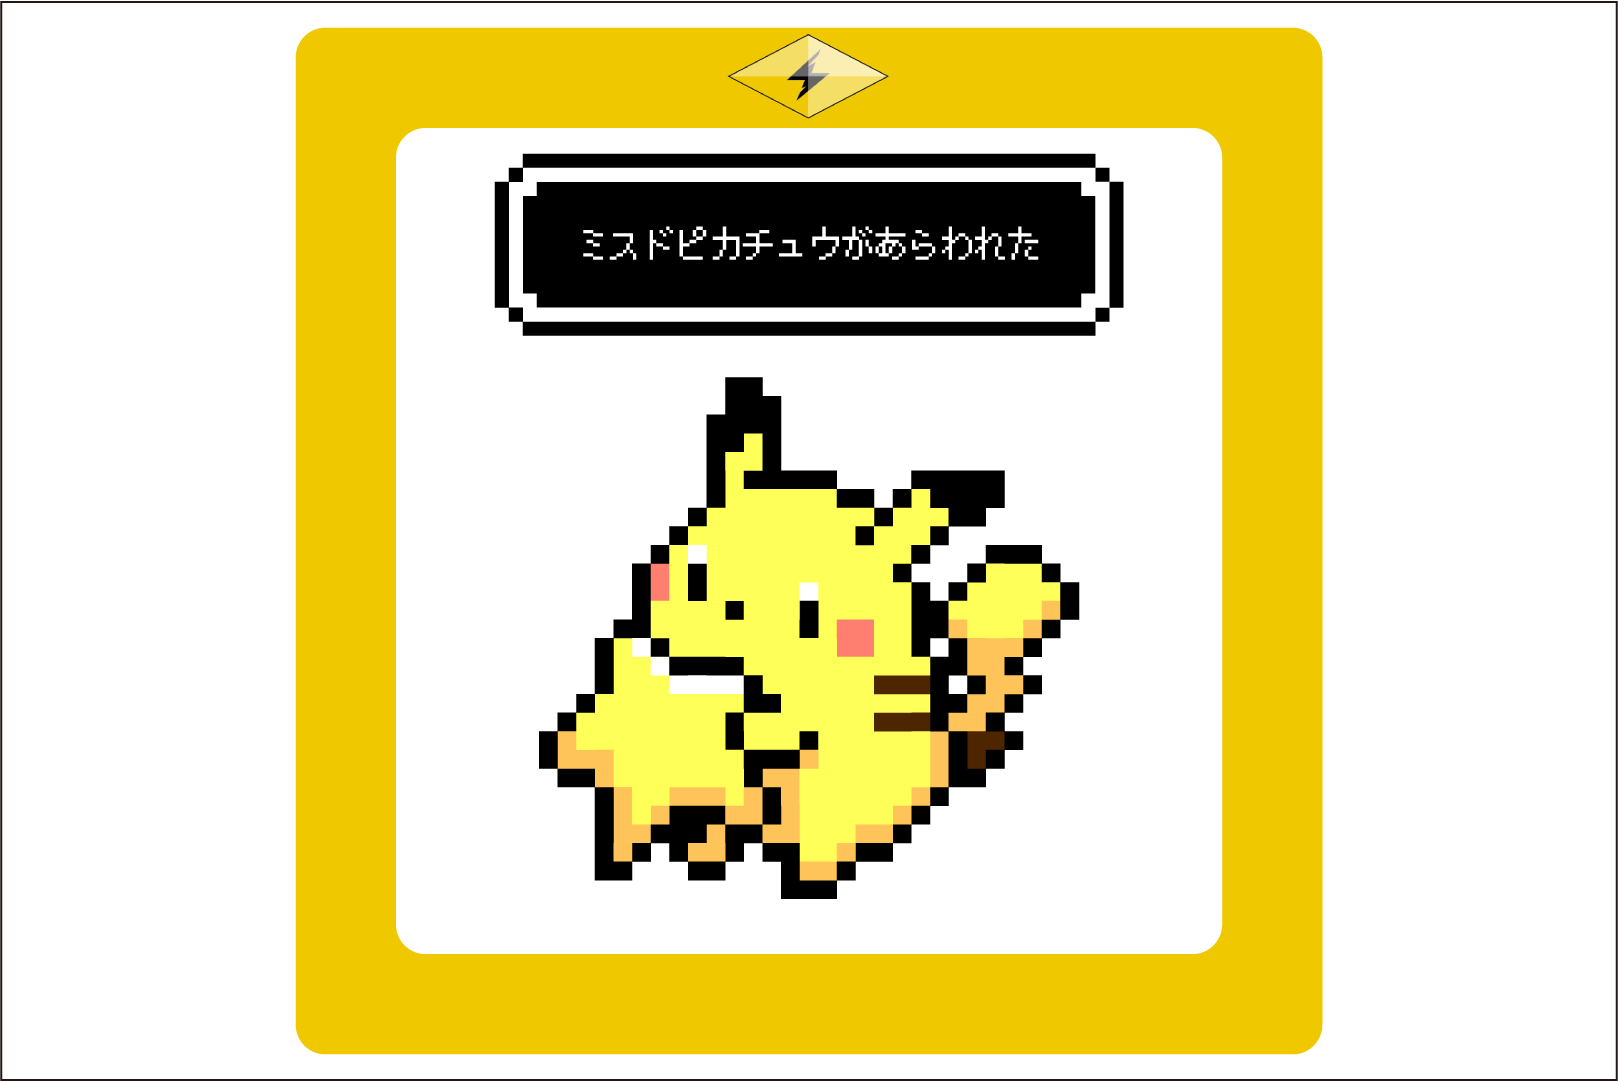 【ポケットモンスター】ミスドピカチュウのアイロンビーズ図案【ミスタードーナッツ】